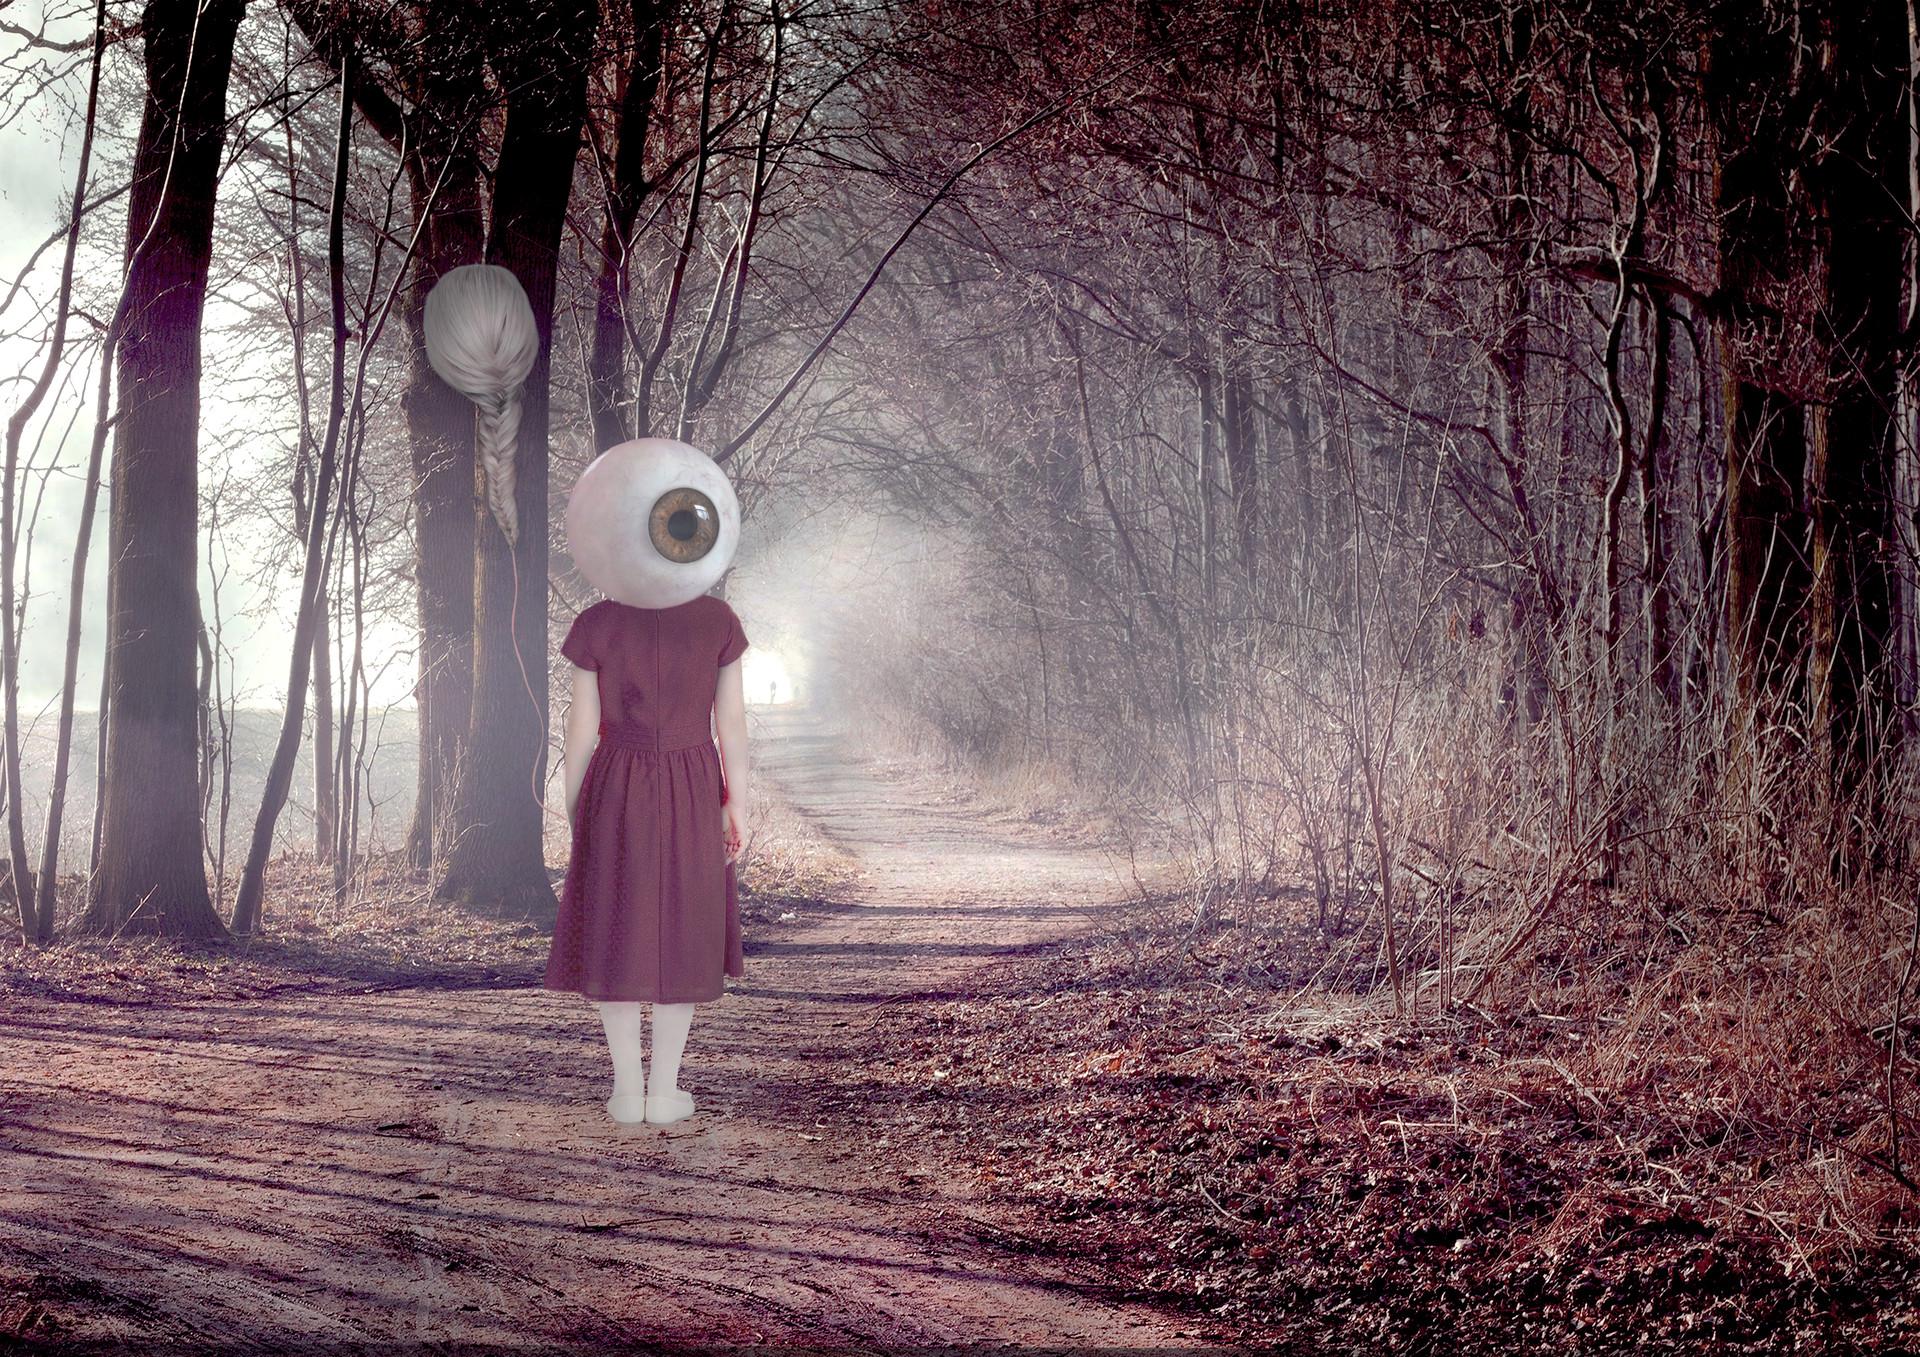 vincent-droz-big-eyed-girl.jpg?154101207